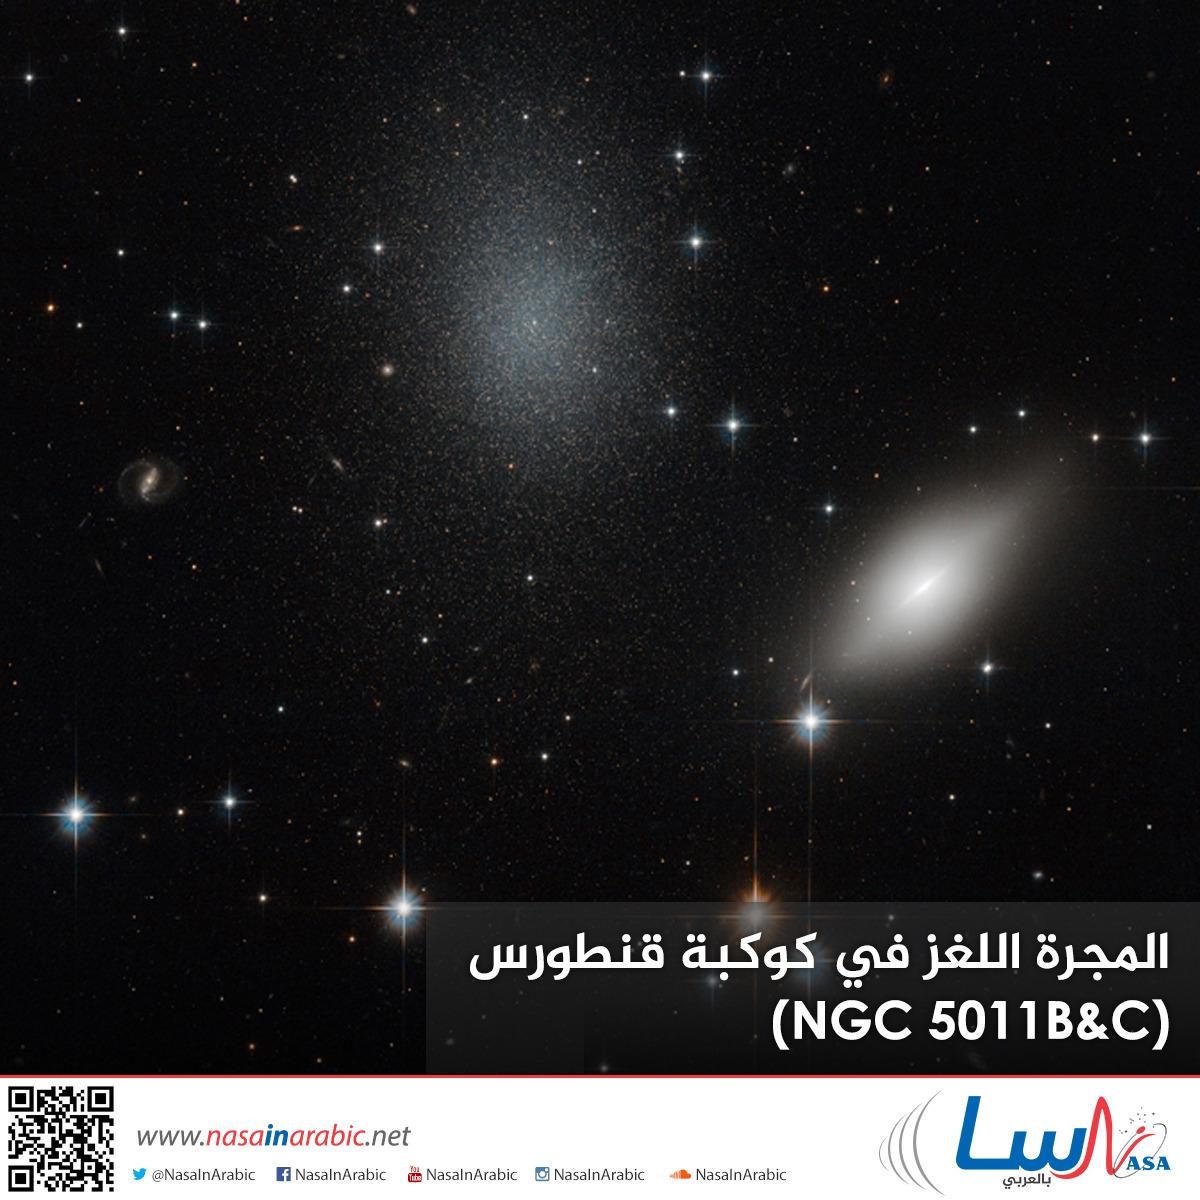 المجرة اللغز في كوكبة قنطورس (NGC 5011B&C)